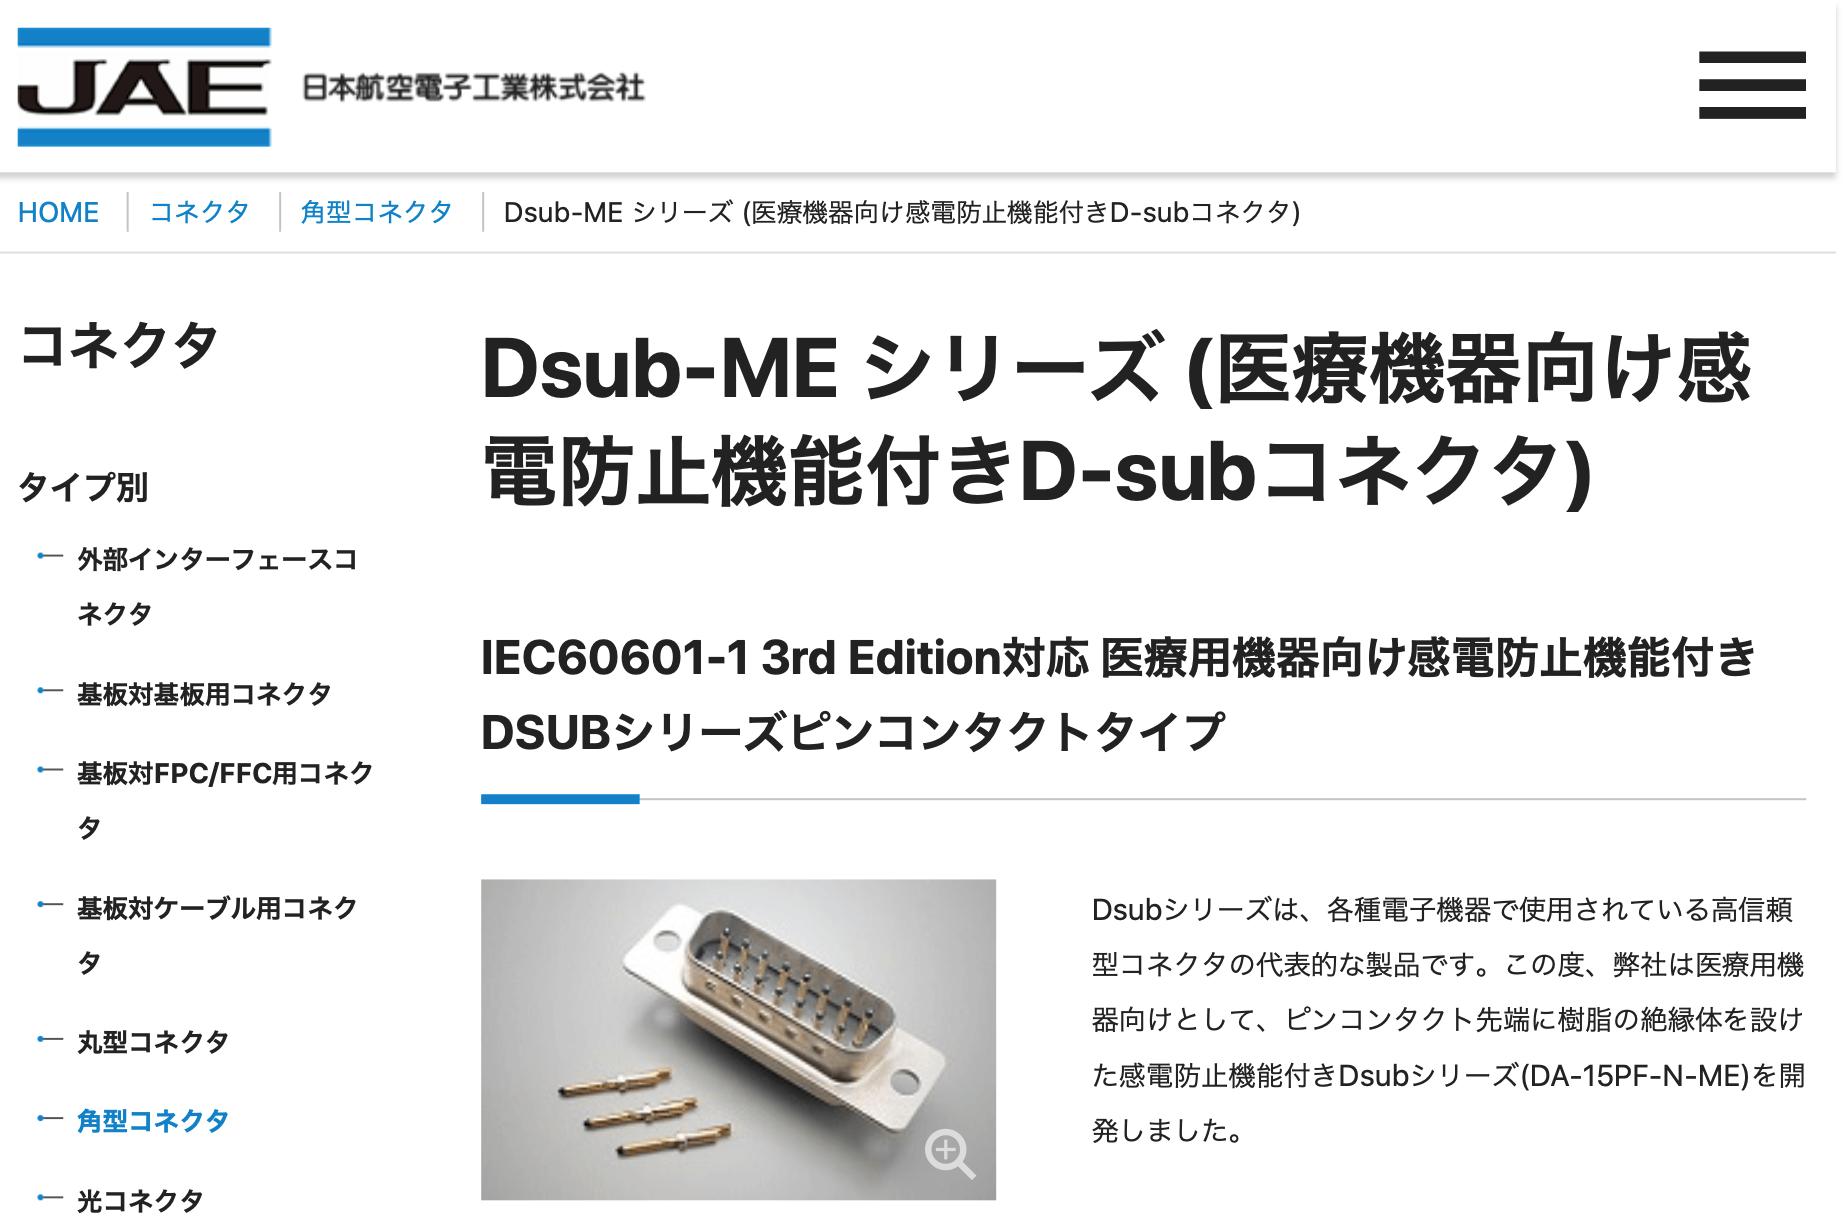 Dsub-ME シリーズ